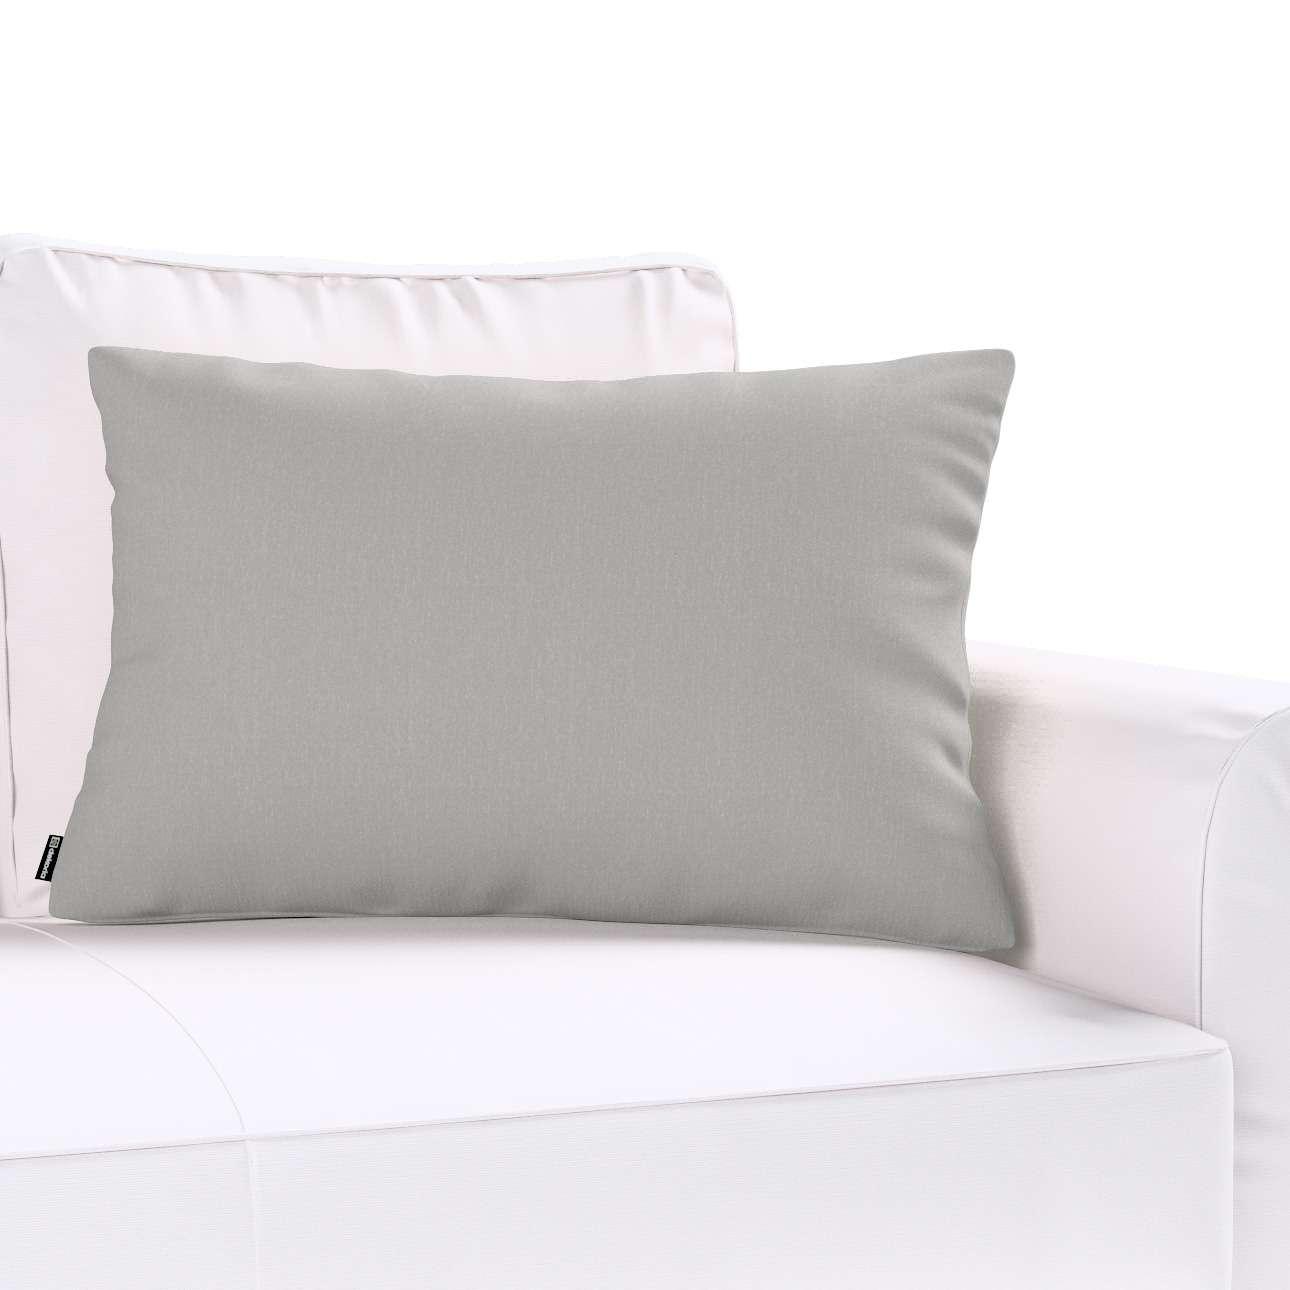 Poszewka Kinga na poduszkę prostokątną 60 x 40 cm w kolekcji Chenille, tkanina: 702-23